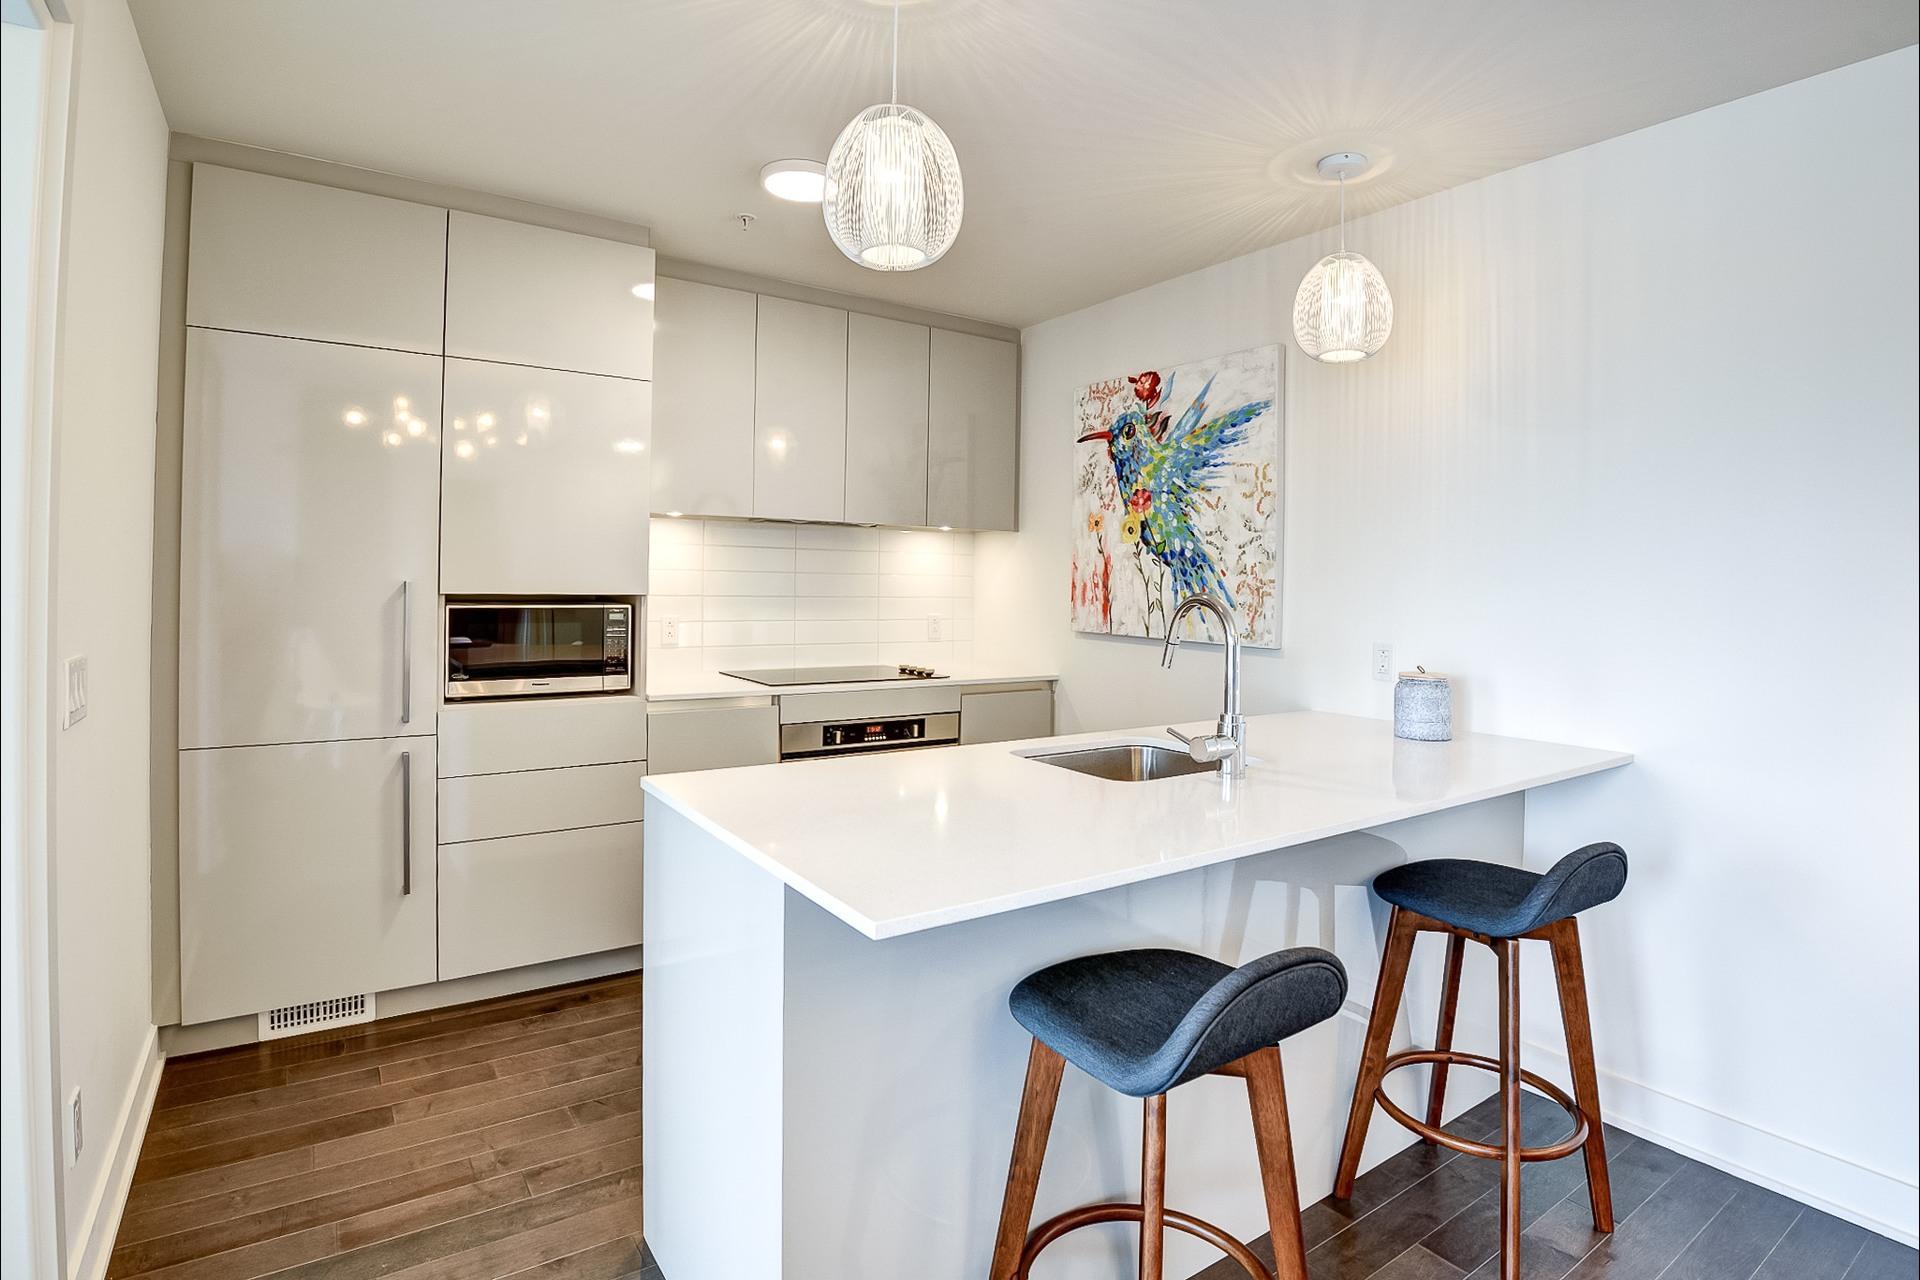 image 4 - MX - Condominio vertical - MX Para alquiler Montréal - 4 habitaciones